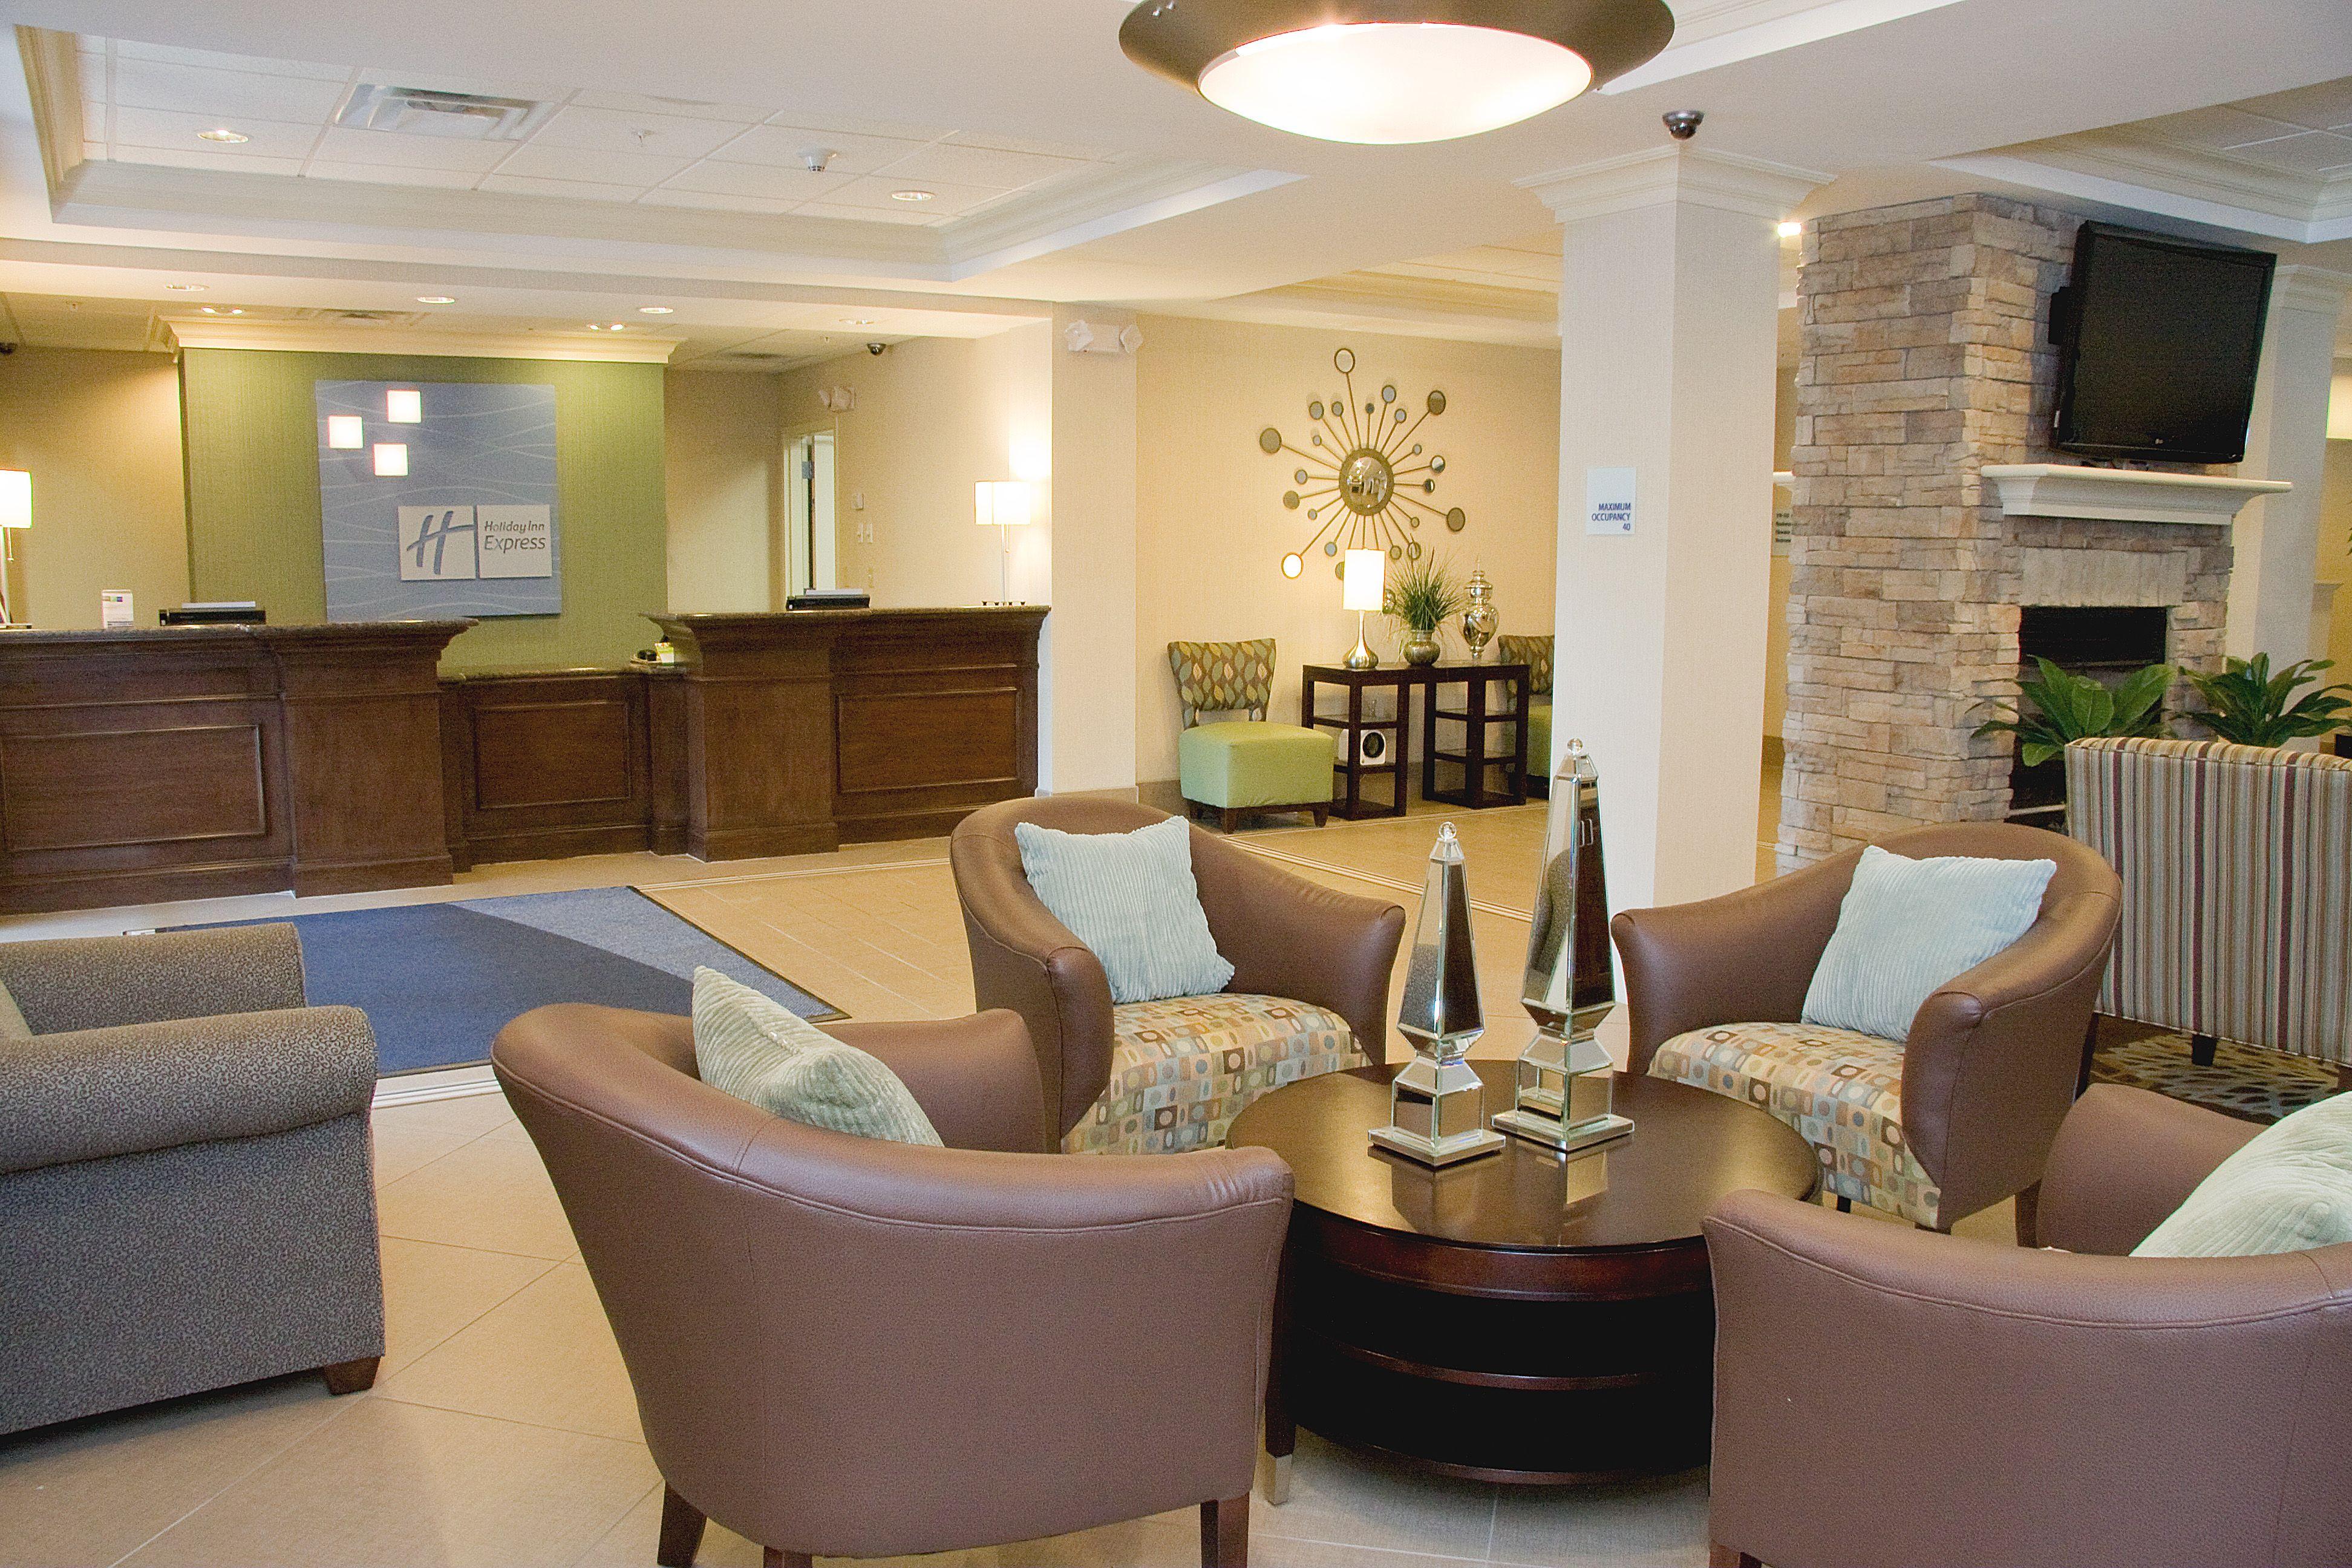 Holiday Inn Express & Suites Smyrna-Nashville Area image 4